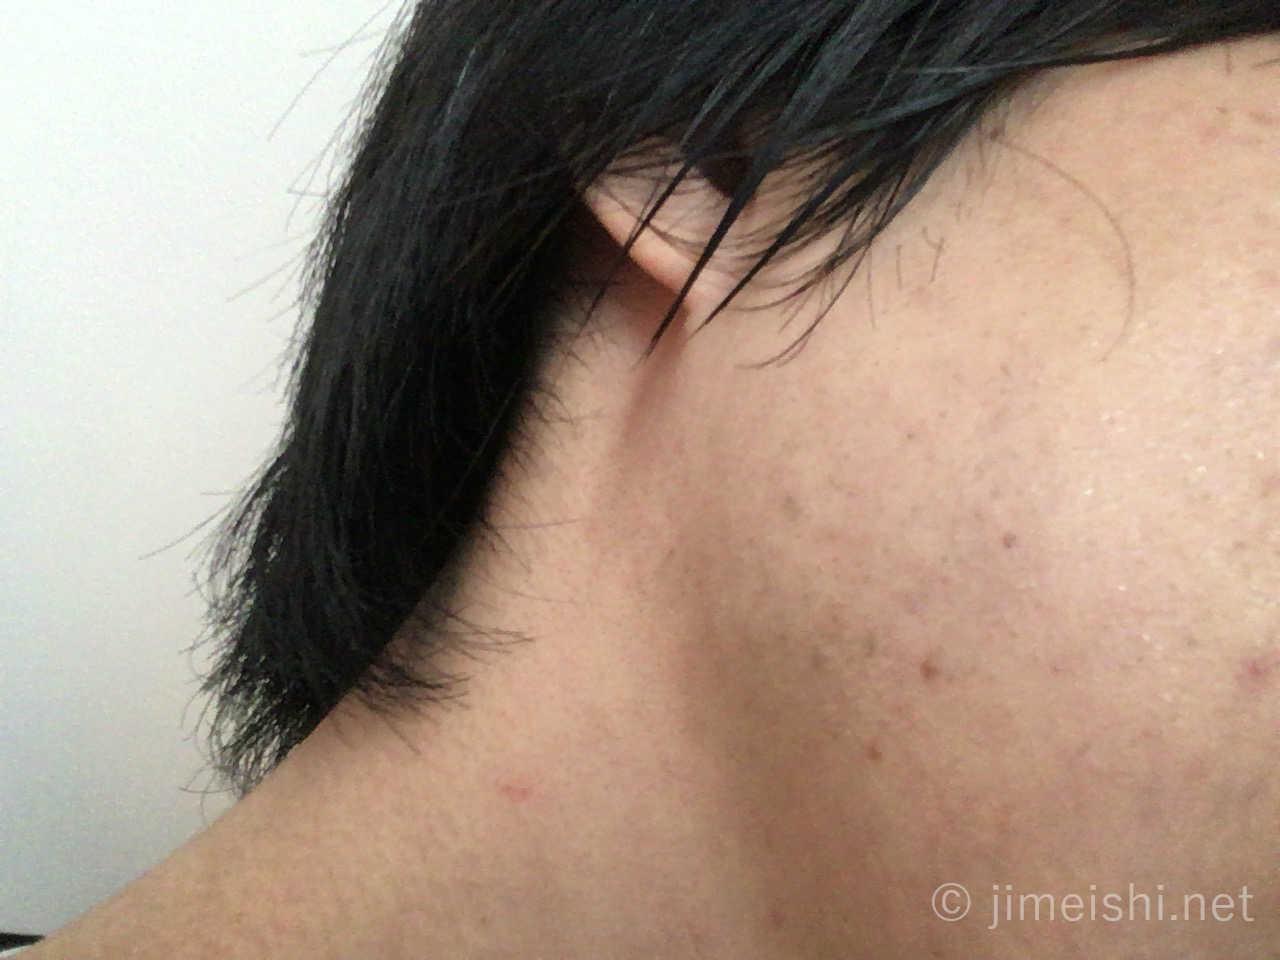 ヒゲ脱毛1年後の左頬画像